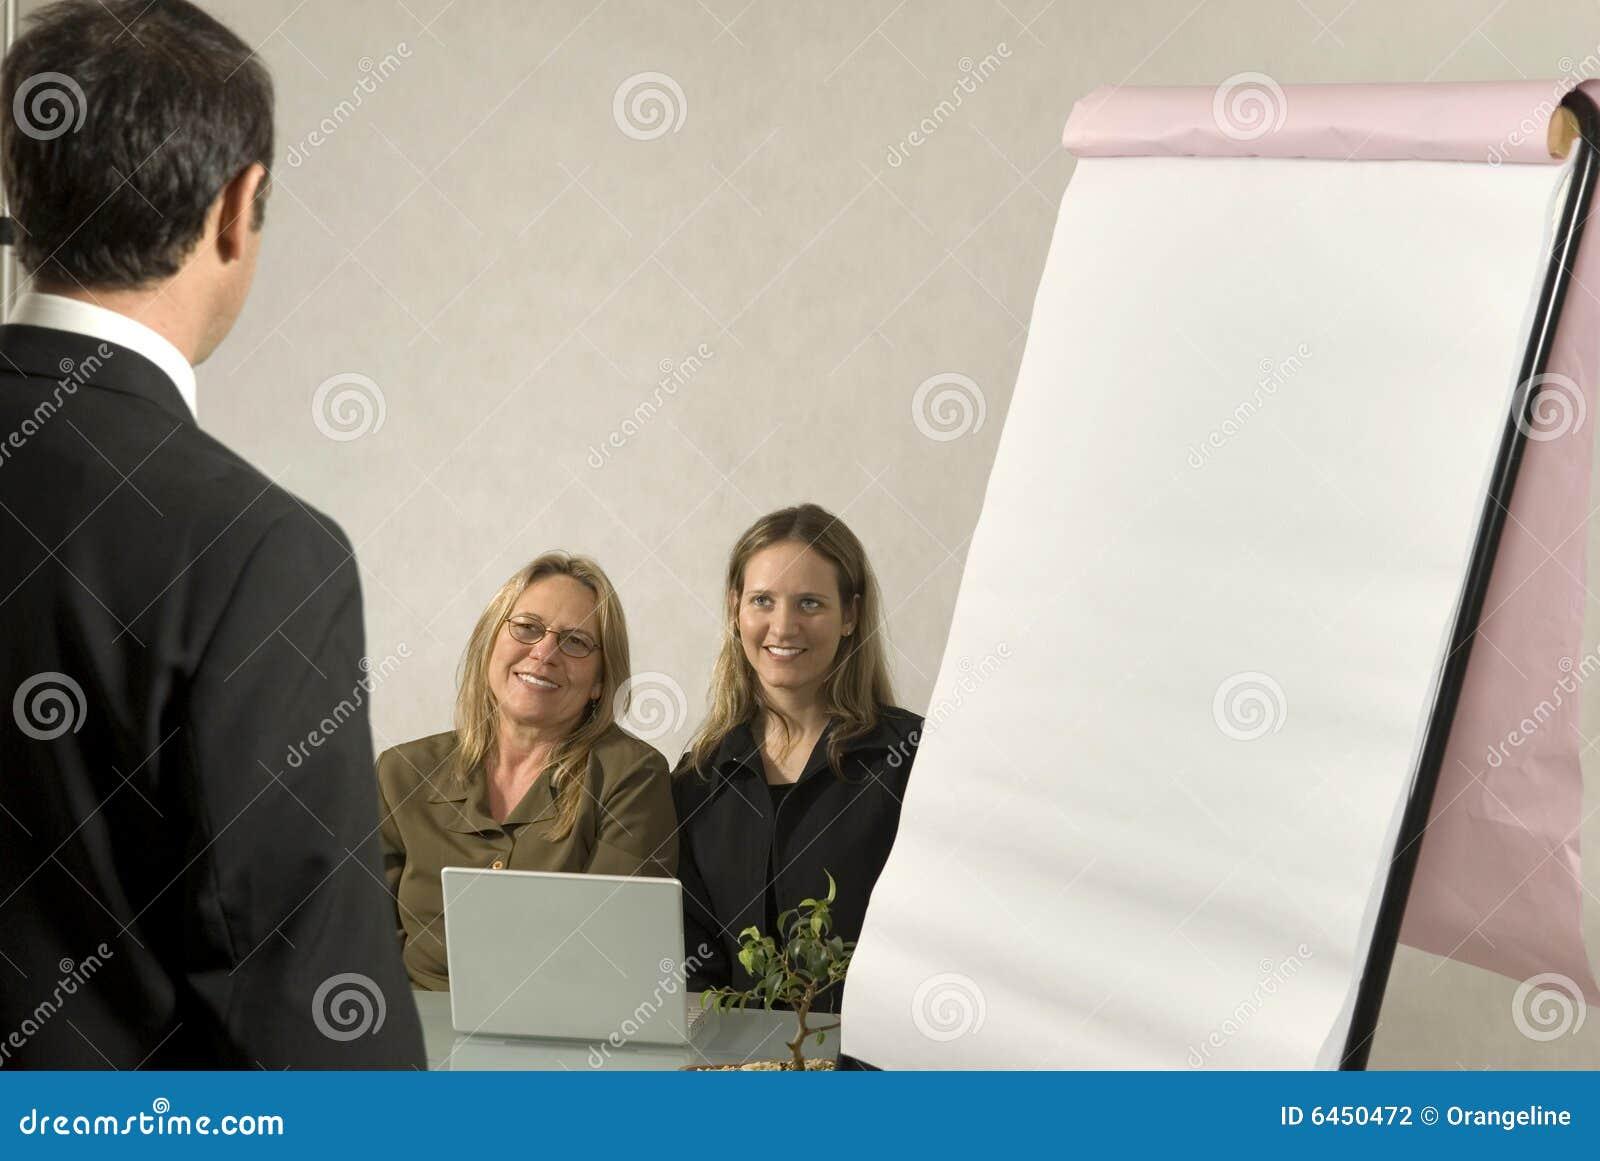 Spotkanie w interesach ludzi